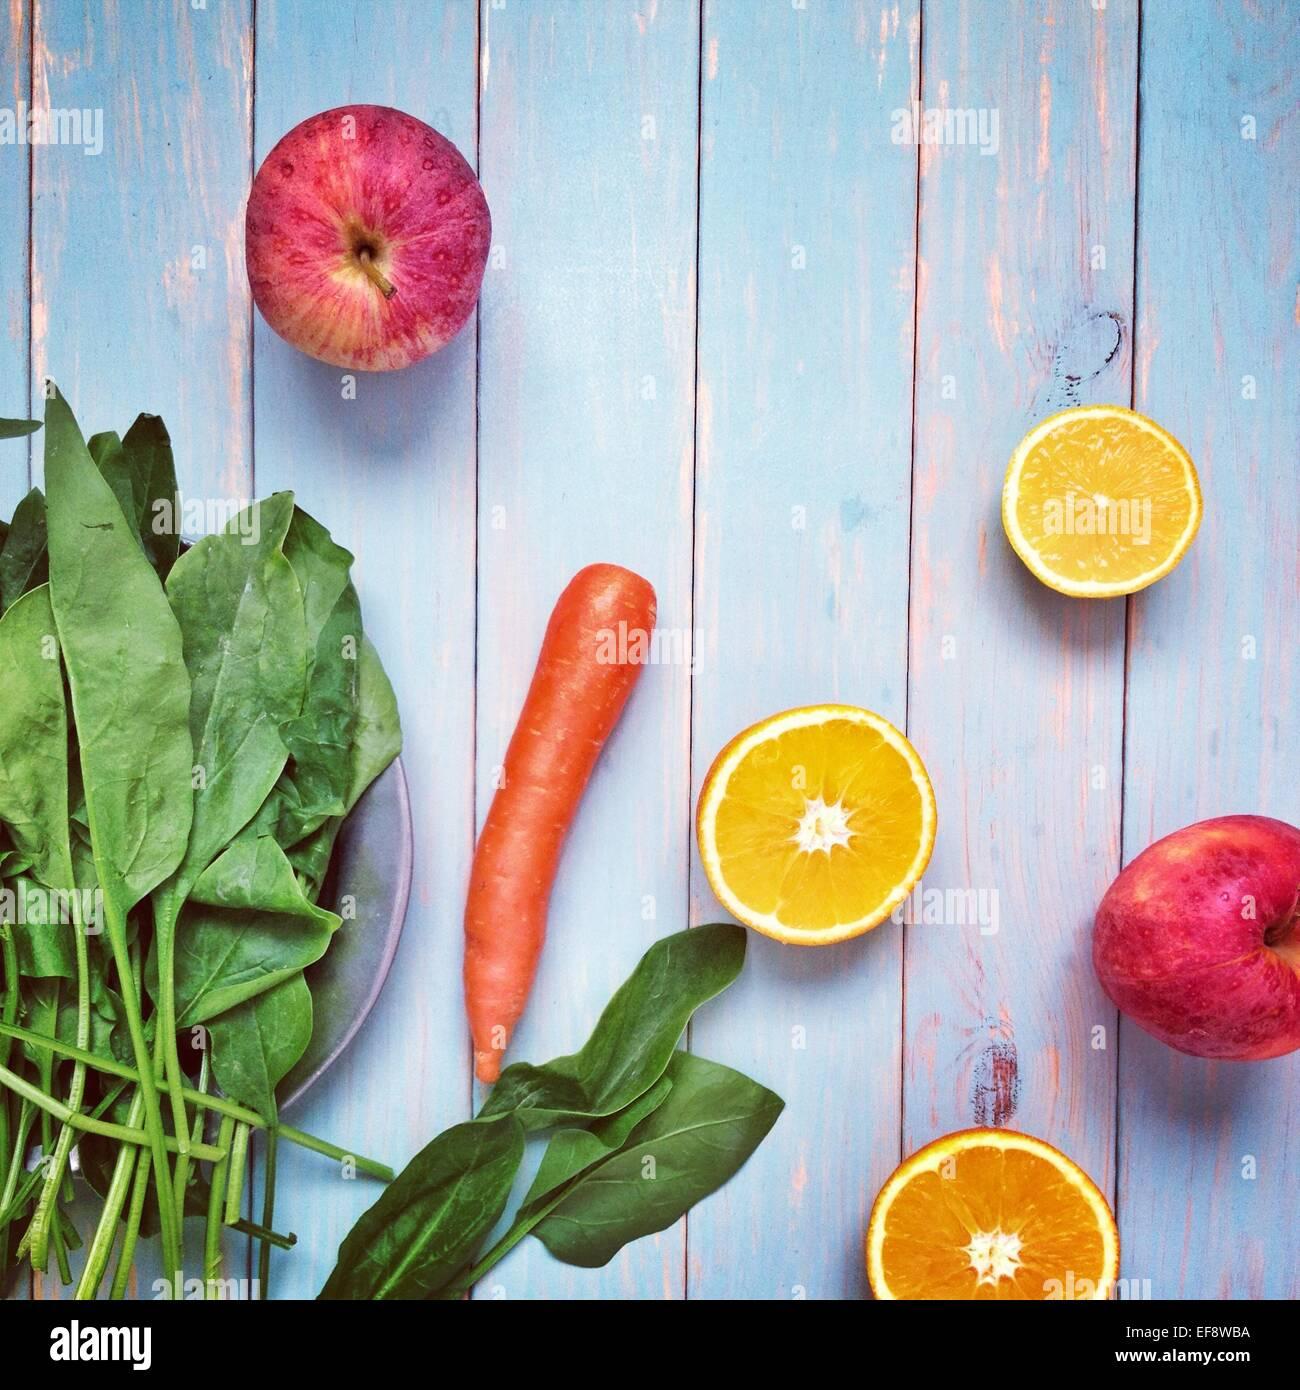 Arrangement de divers fruits et légumes Photo Stock